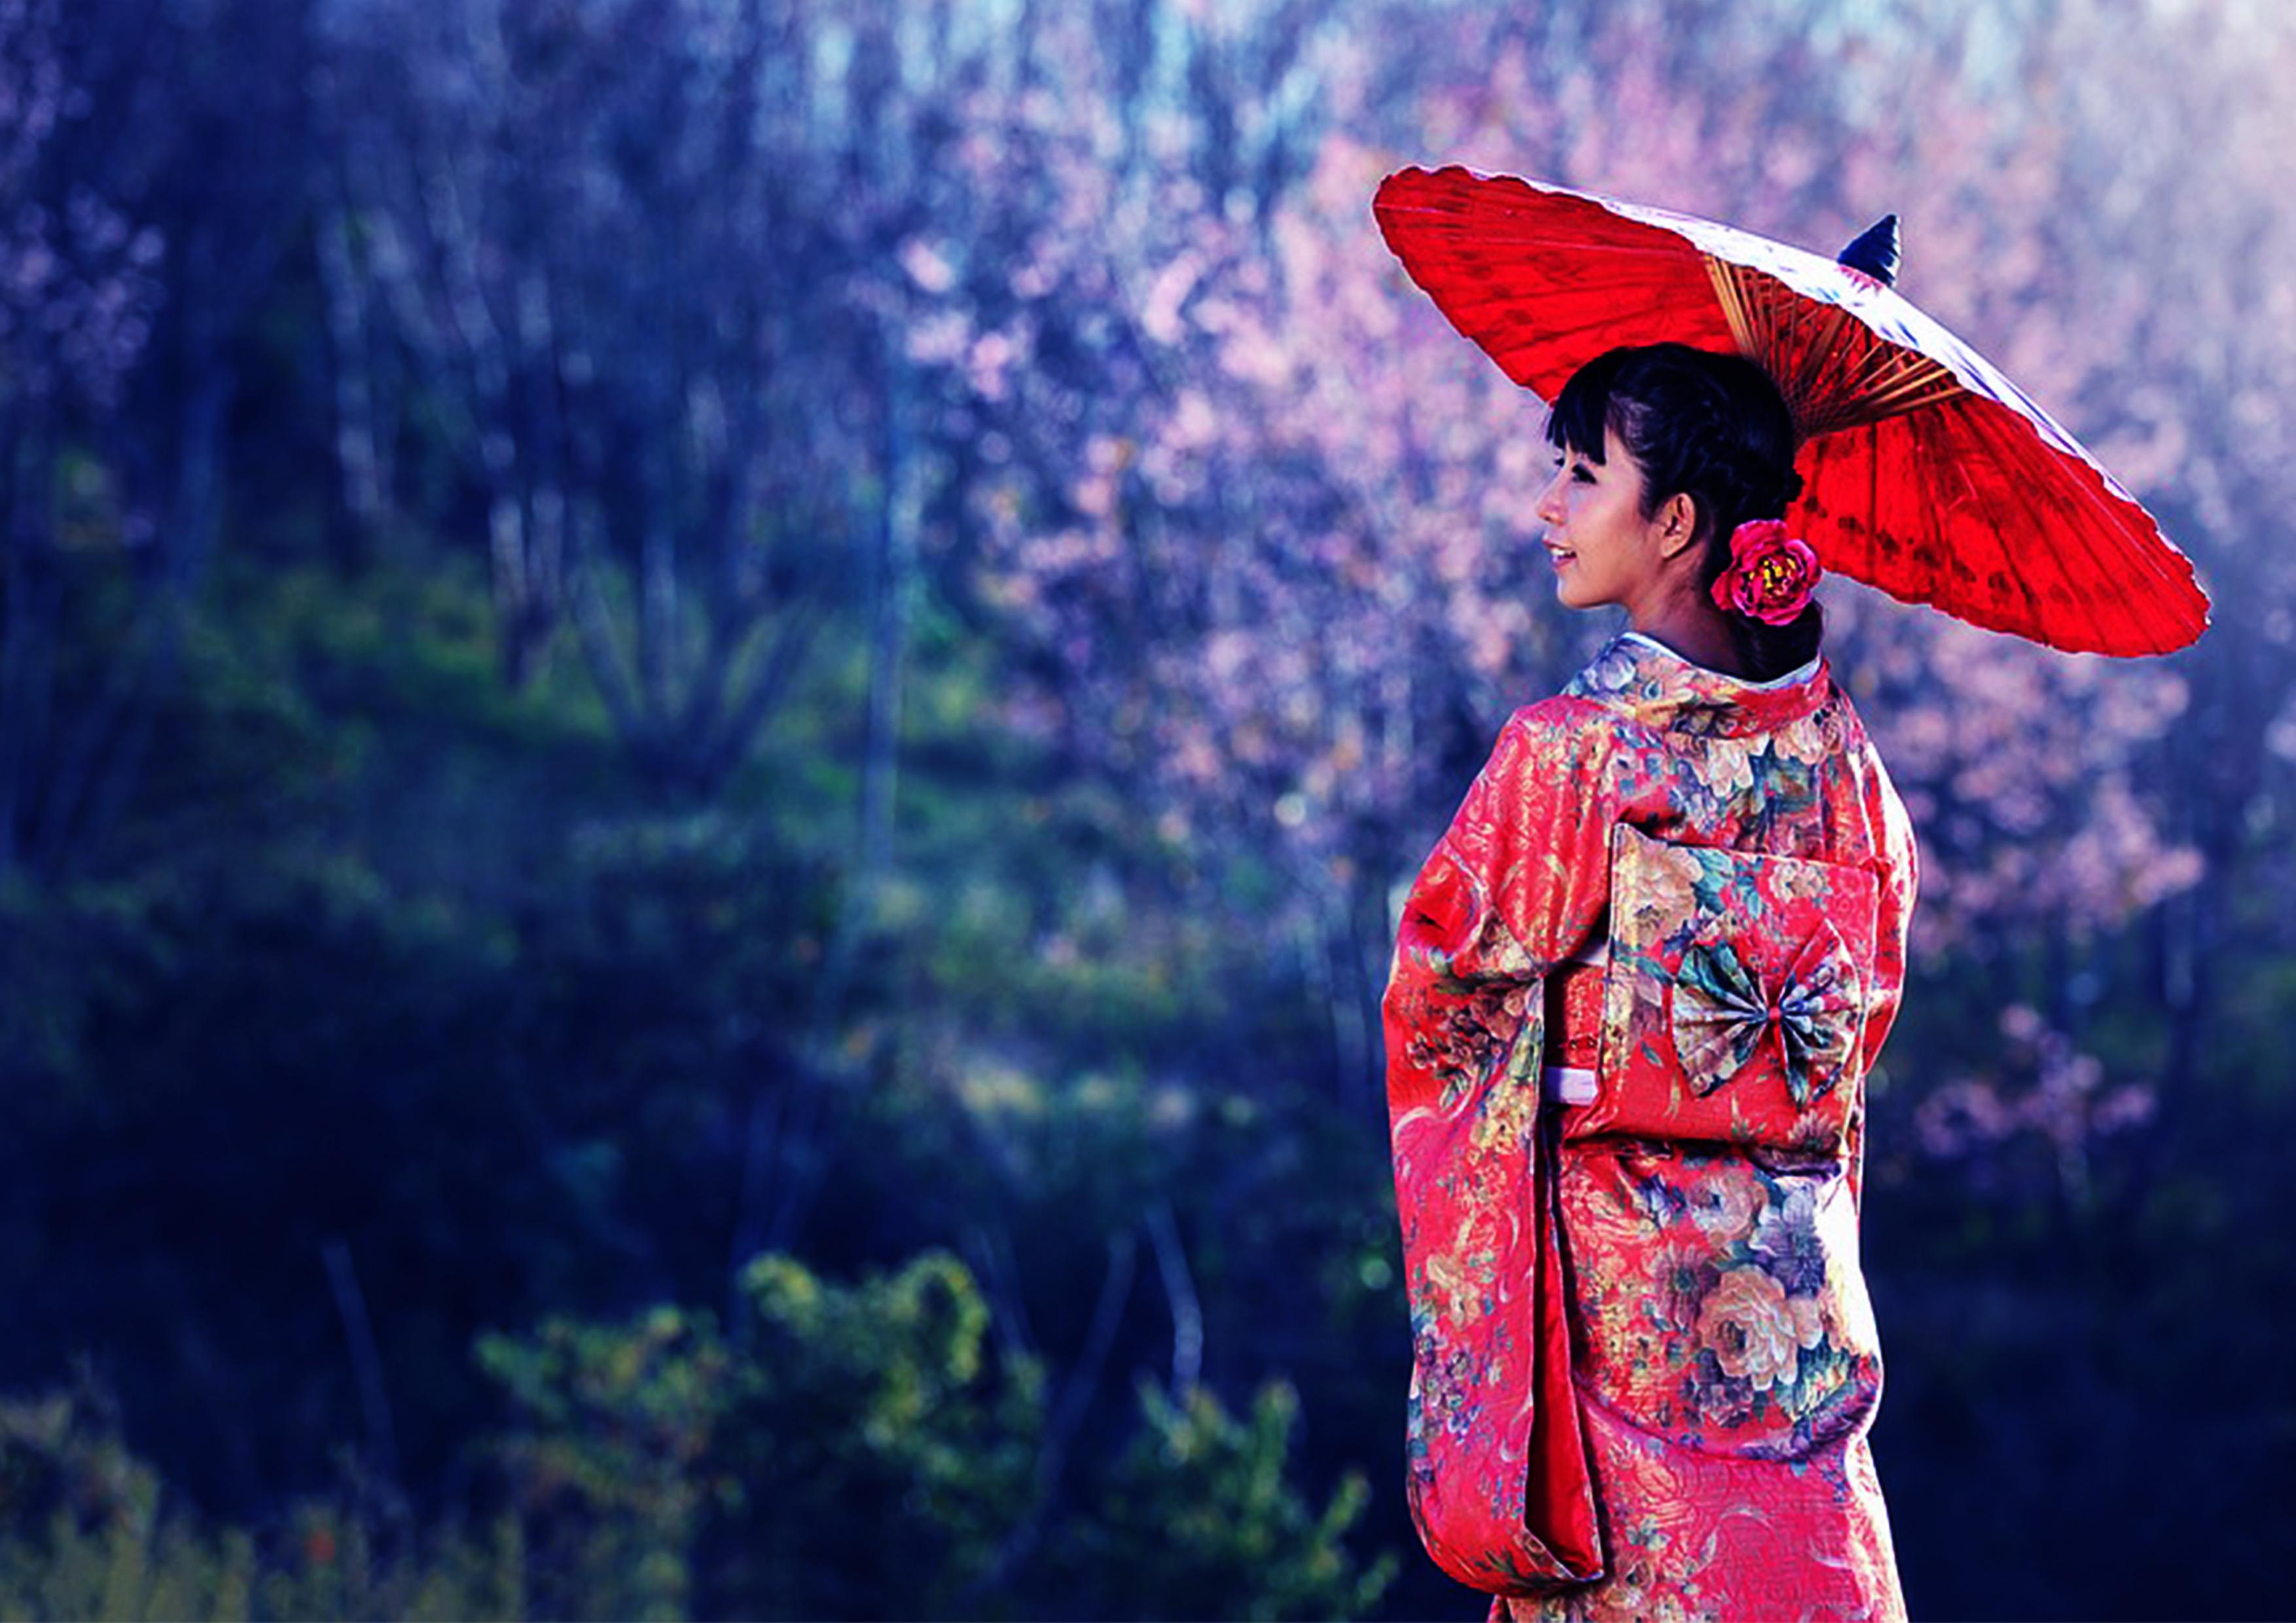 images/geisha_hintergrund_1.jpg